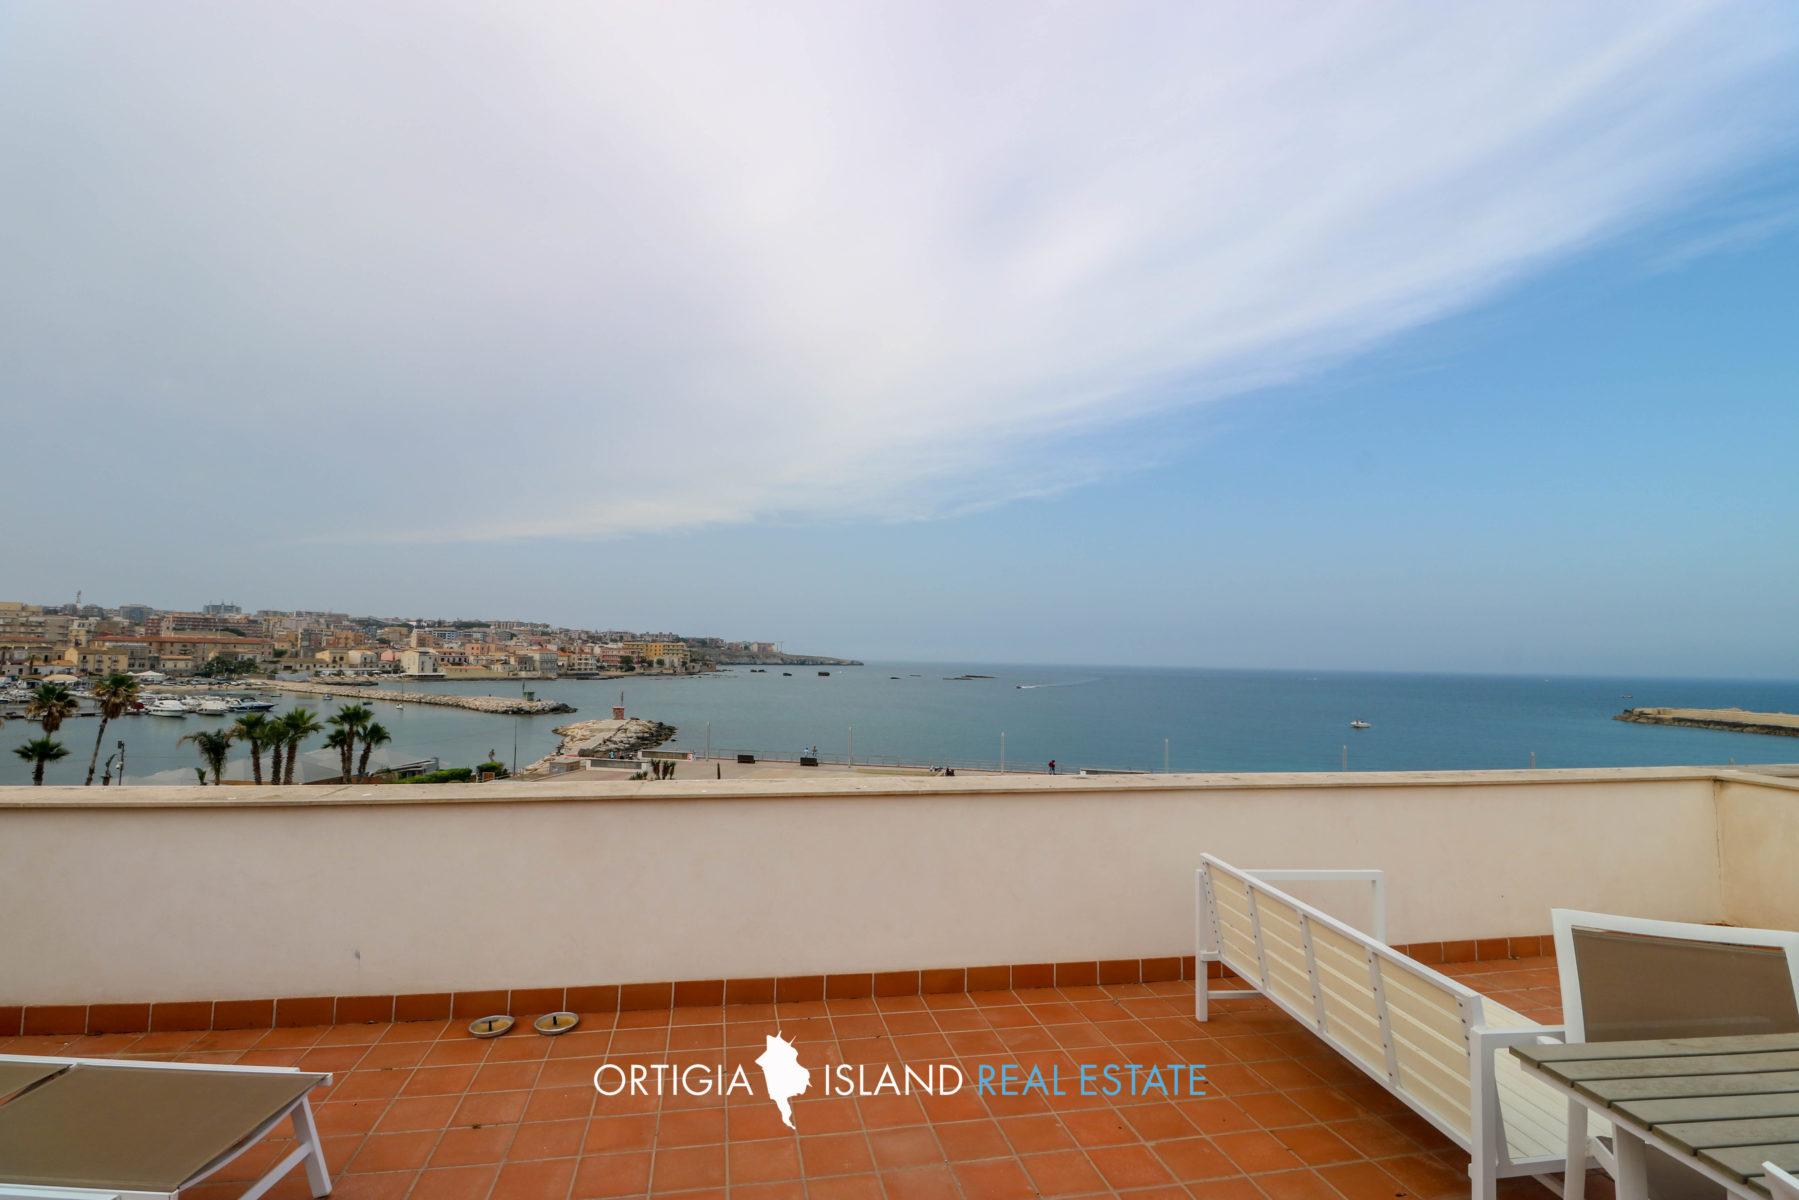 Ortigia Casa Con Terrazza E Vista Mare Ortigia Island Real